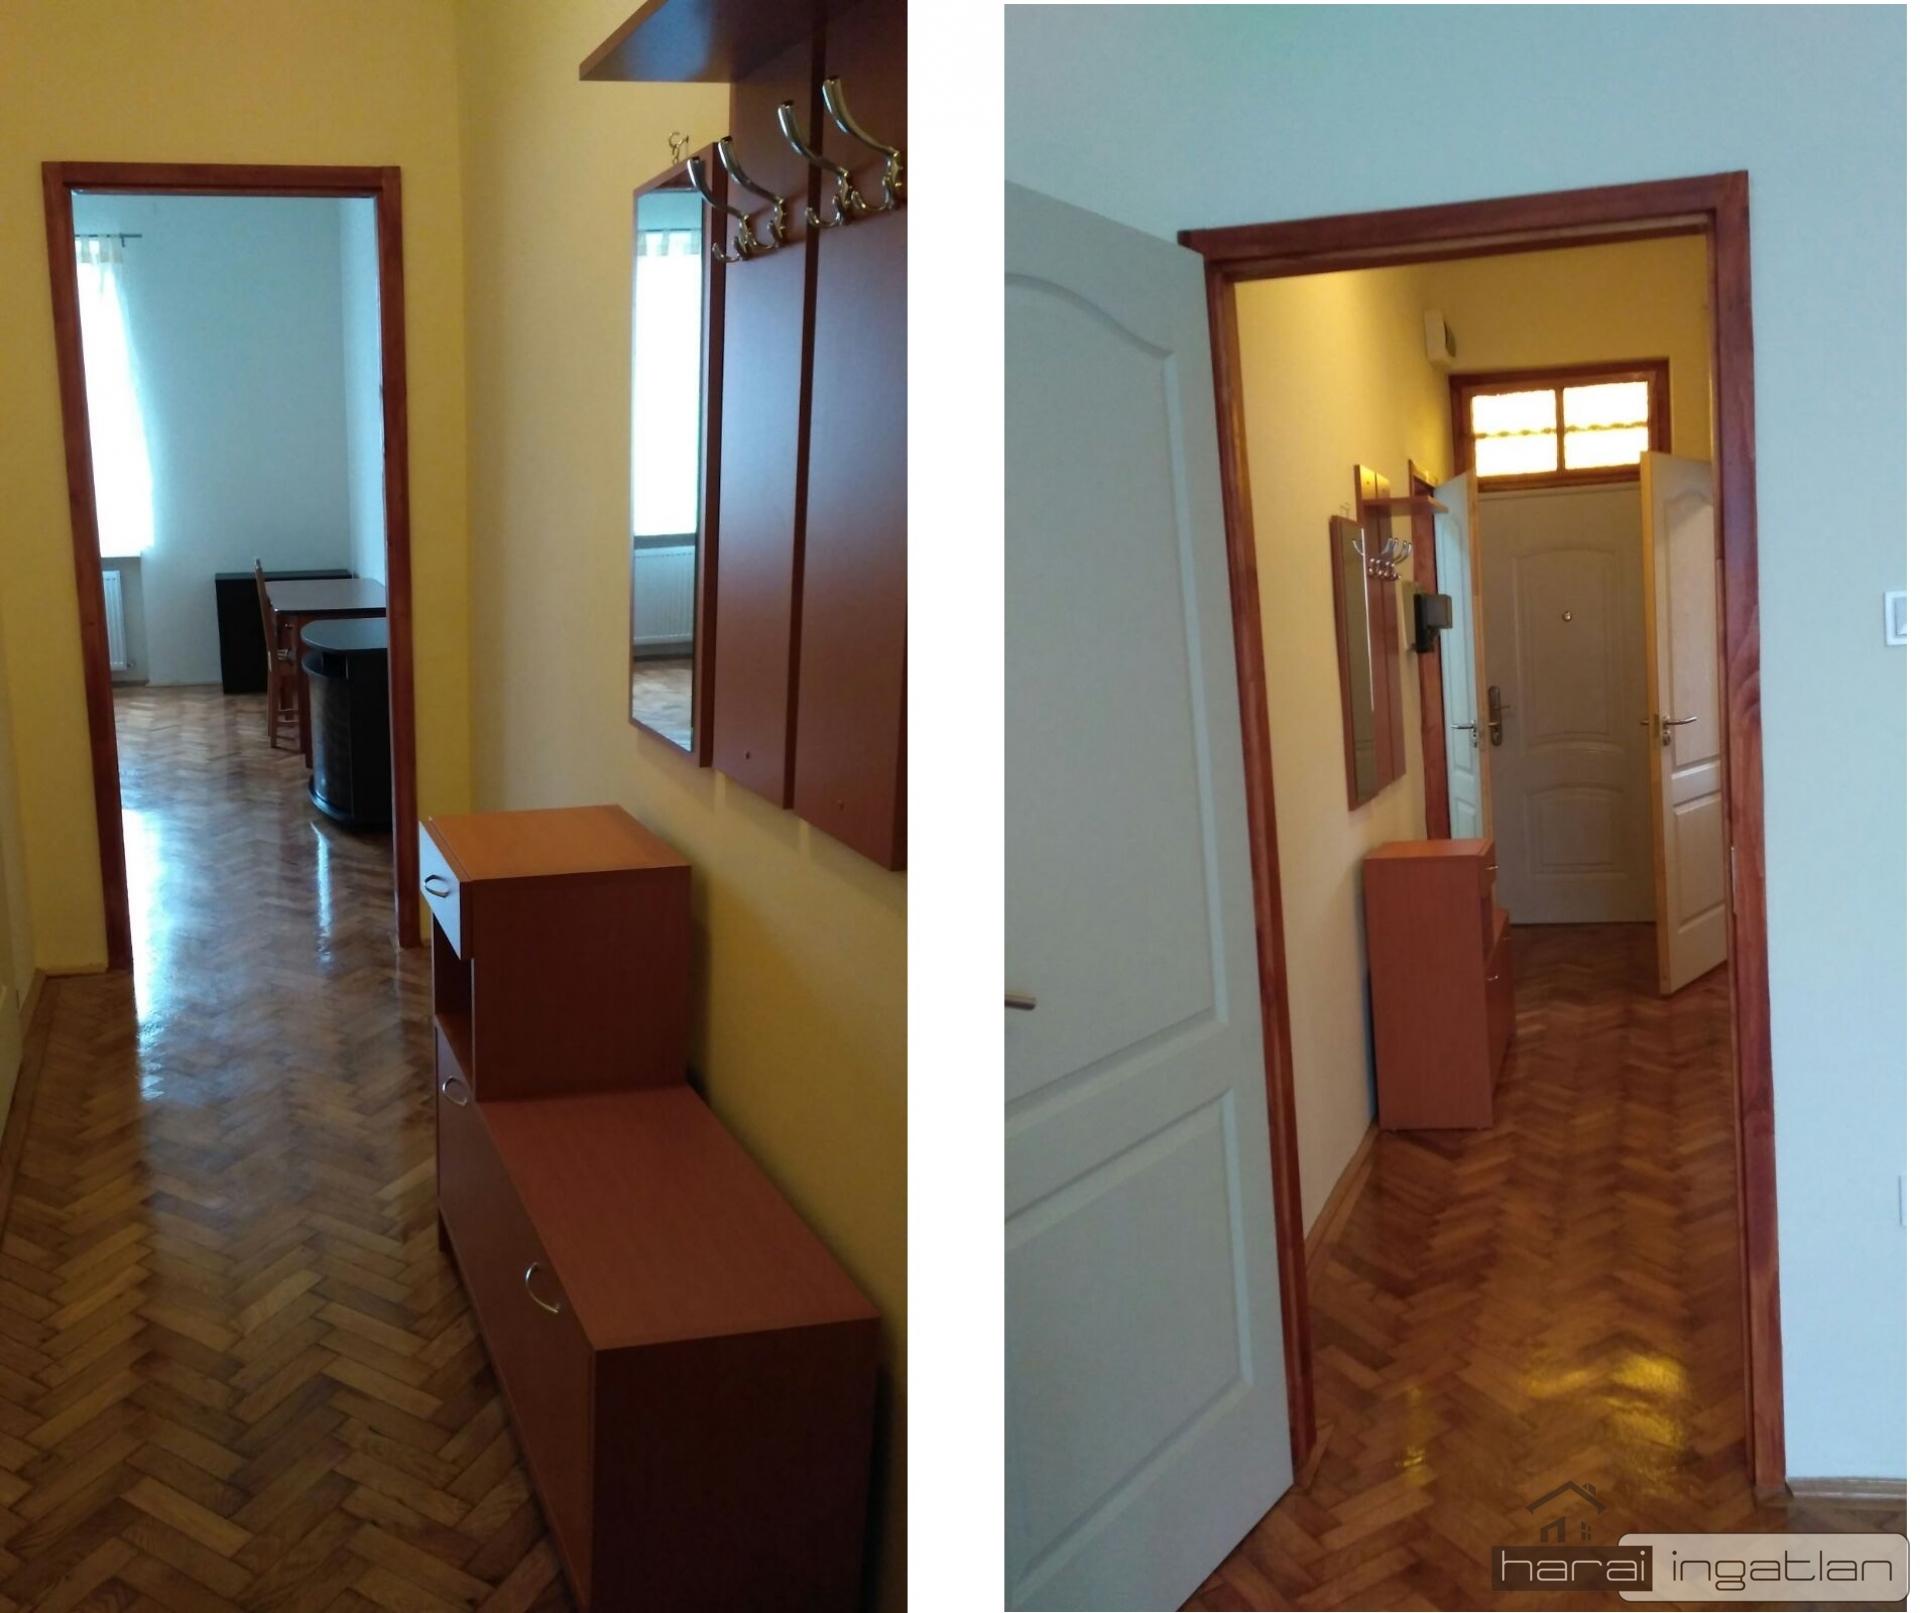 1135 Budapest XIII. Kerület Realestate.13 Eladó Lakás (#03012021157)